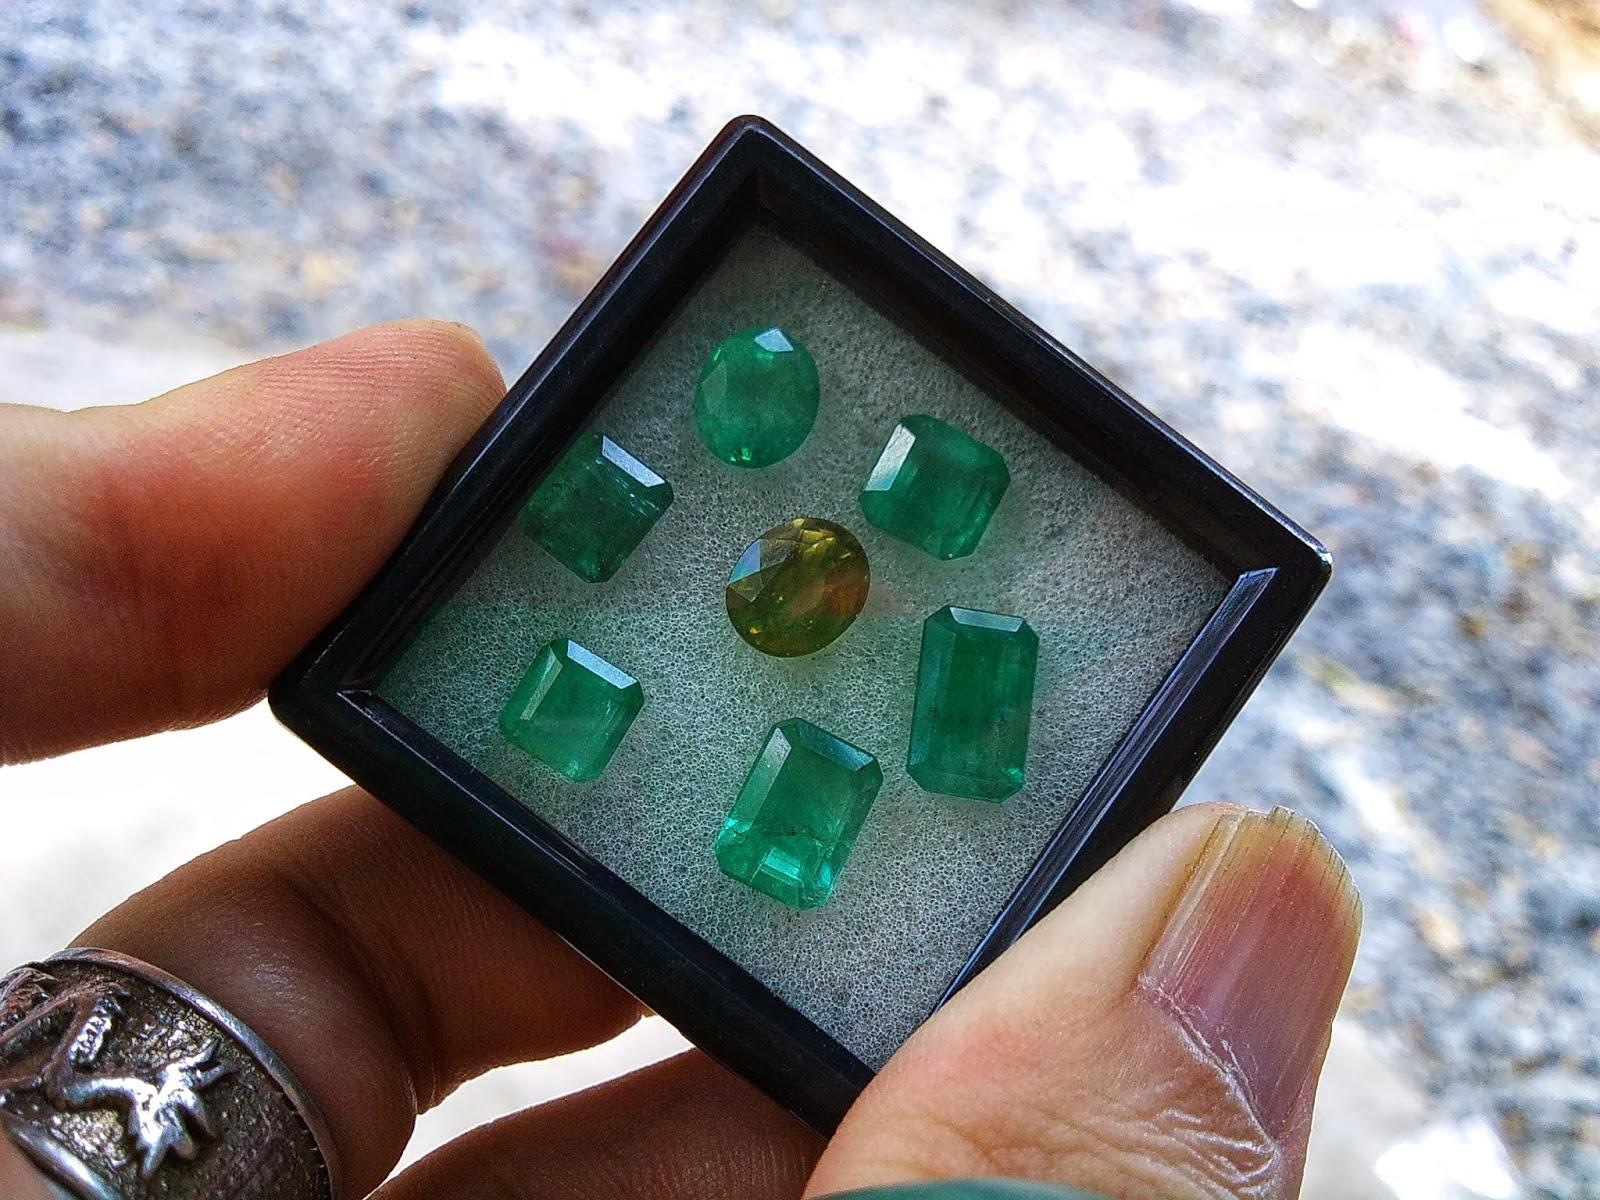 Đá Ngọc Lục Bảo, Natural Emerald thiên nhiên Colombia